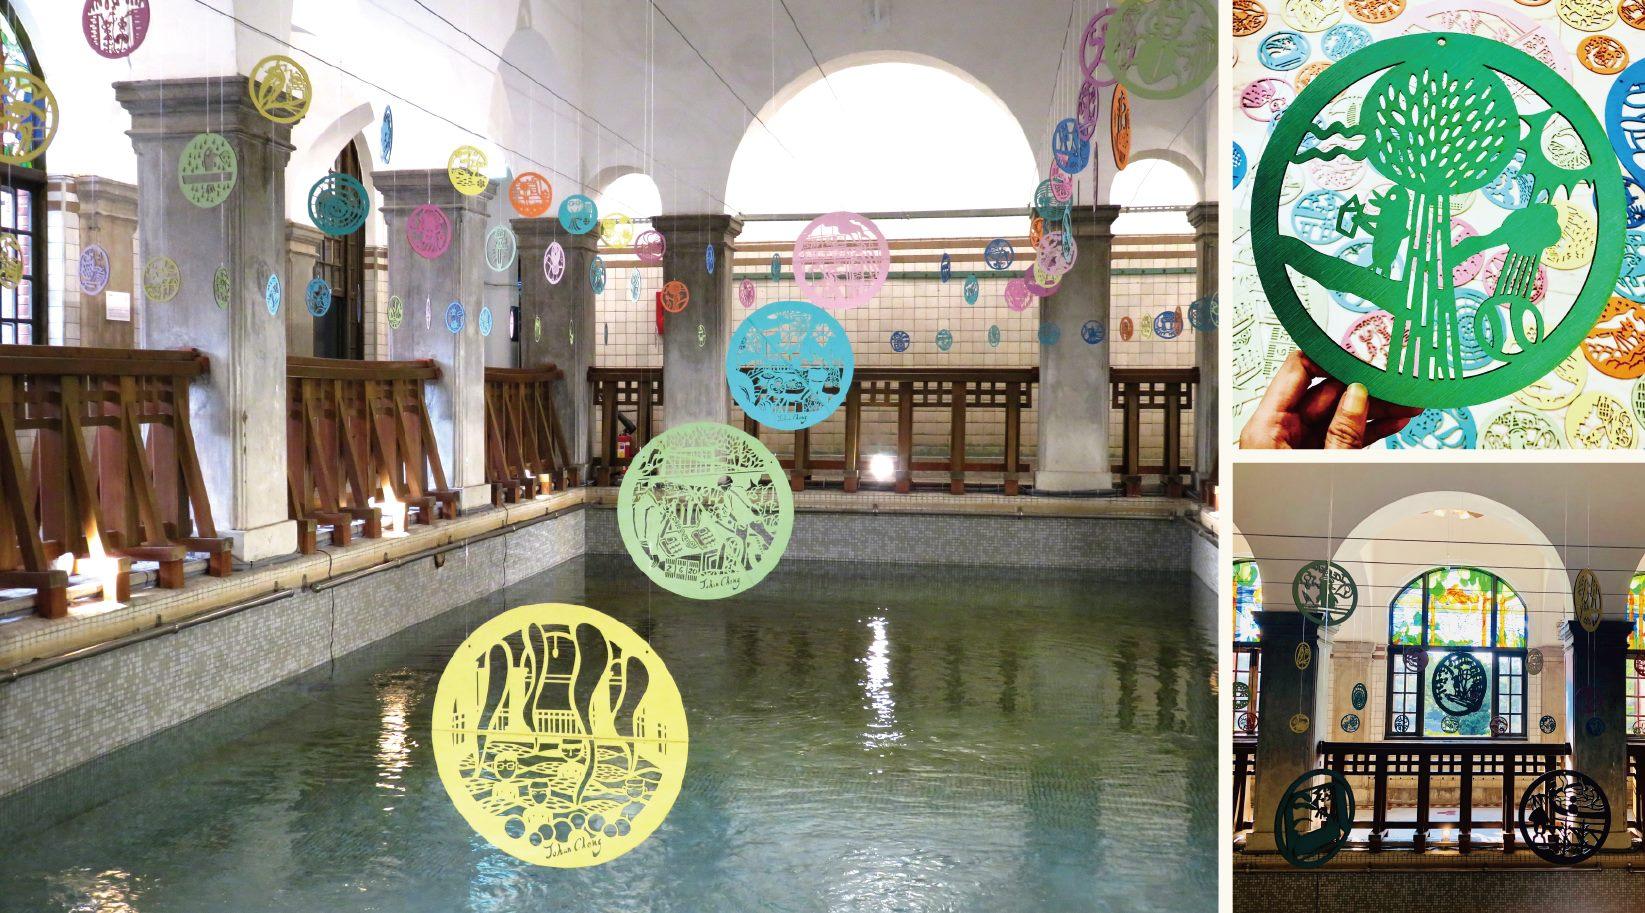 大浴池藝術裝置-「點點」